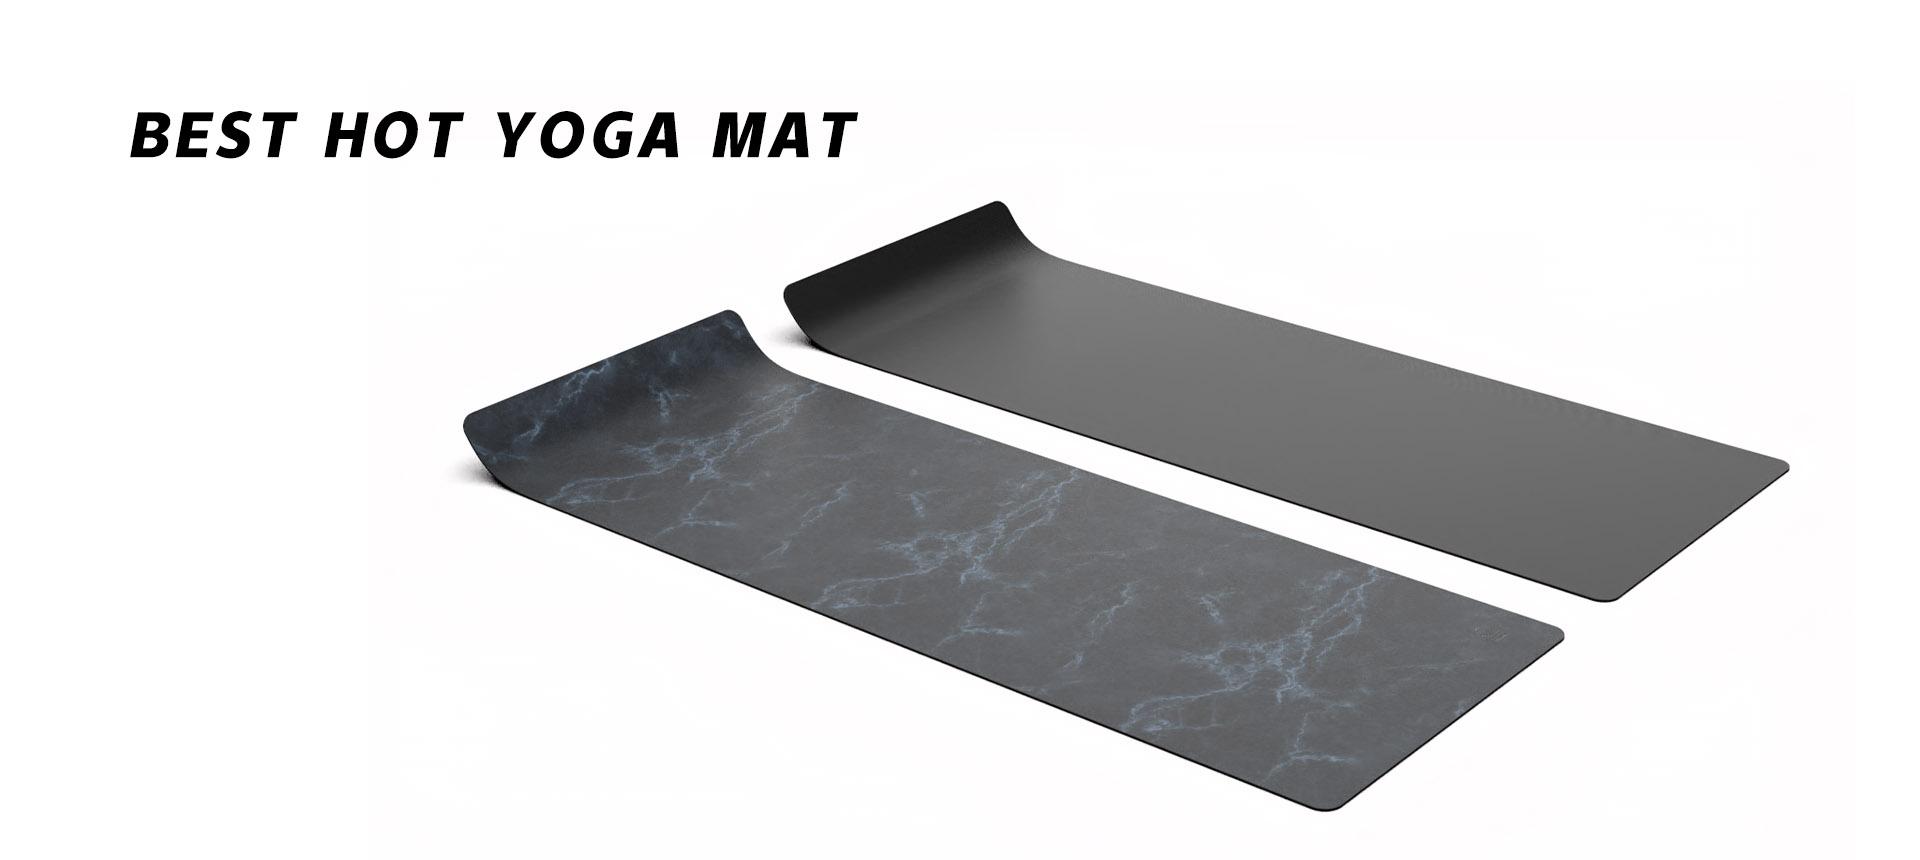 Best Hot Yoga Mat